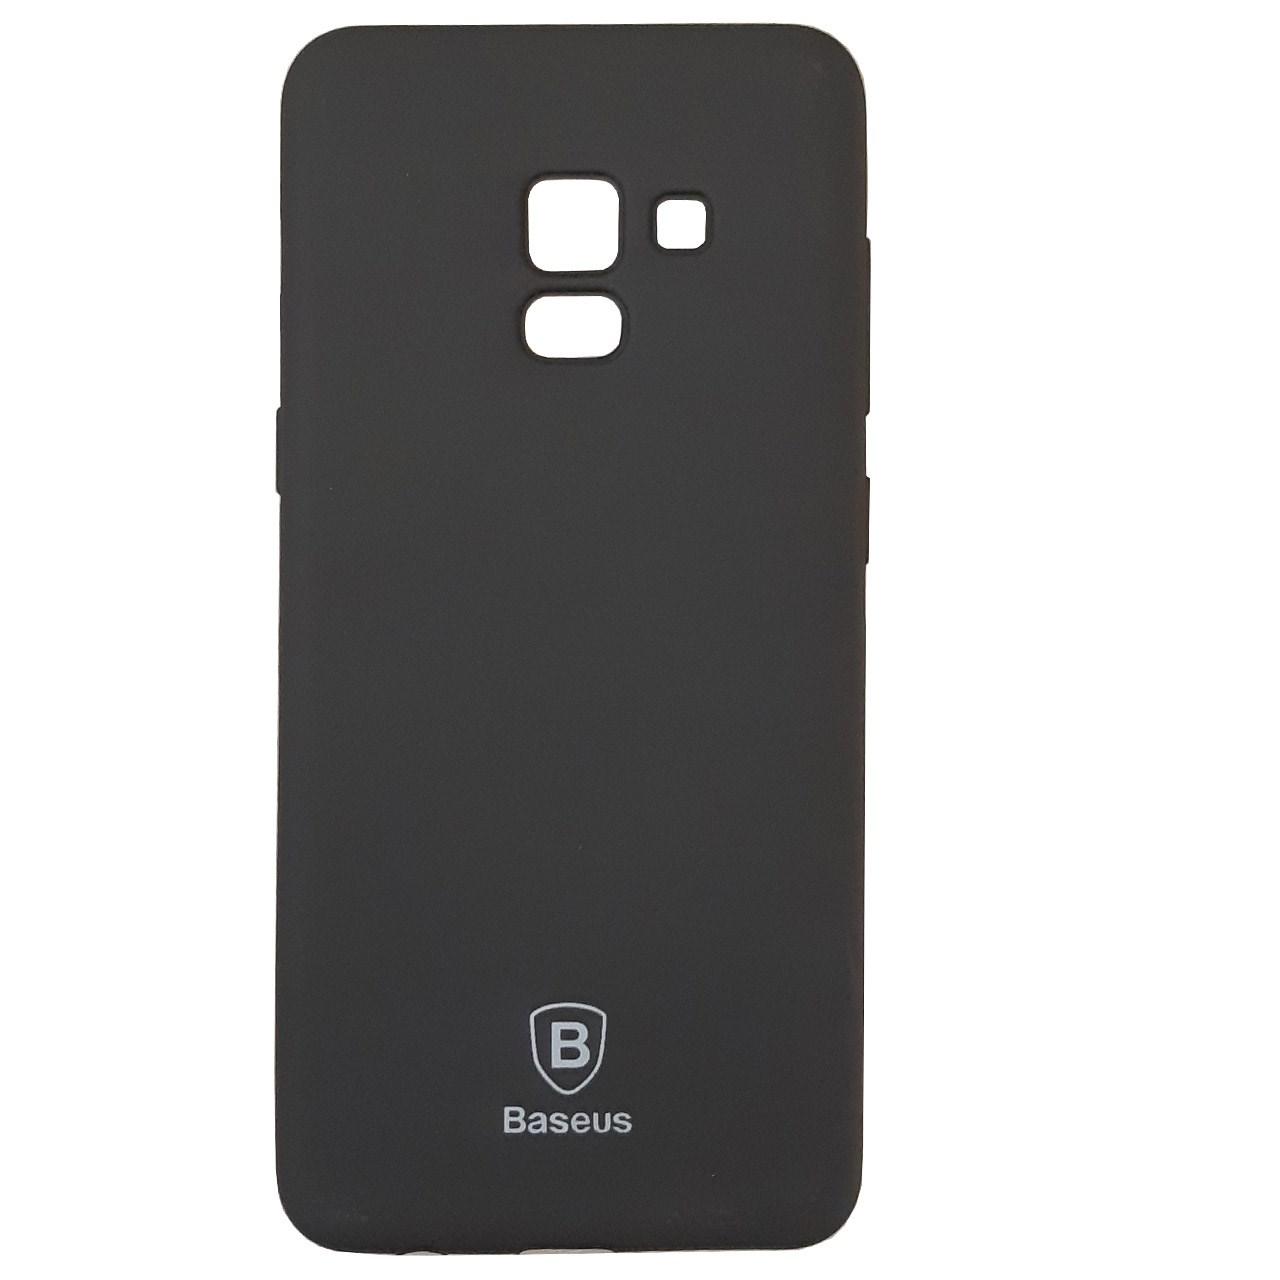 کاور ژله ای مدل Fashion مناسب برای گوشی موبایل سامسونگ A7 2018/A8 Plus